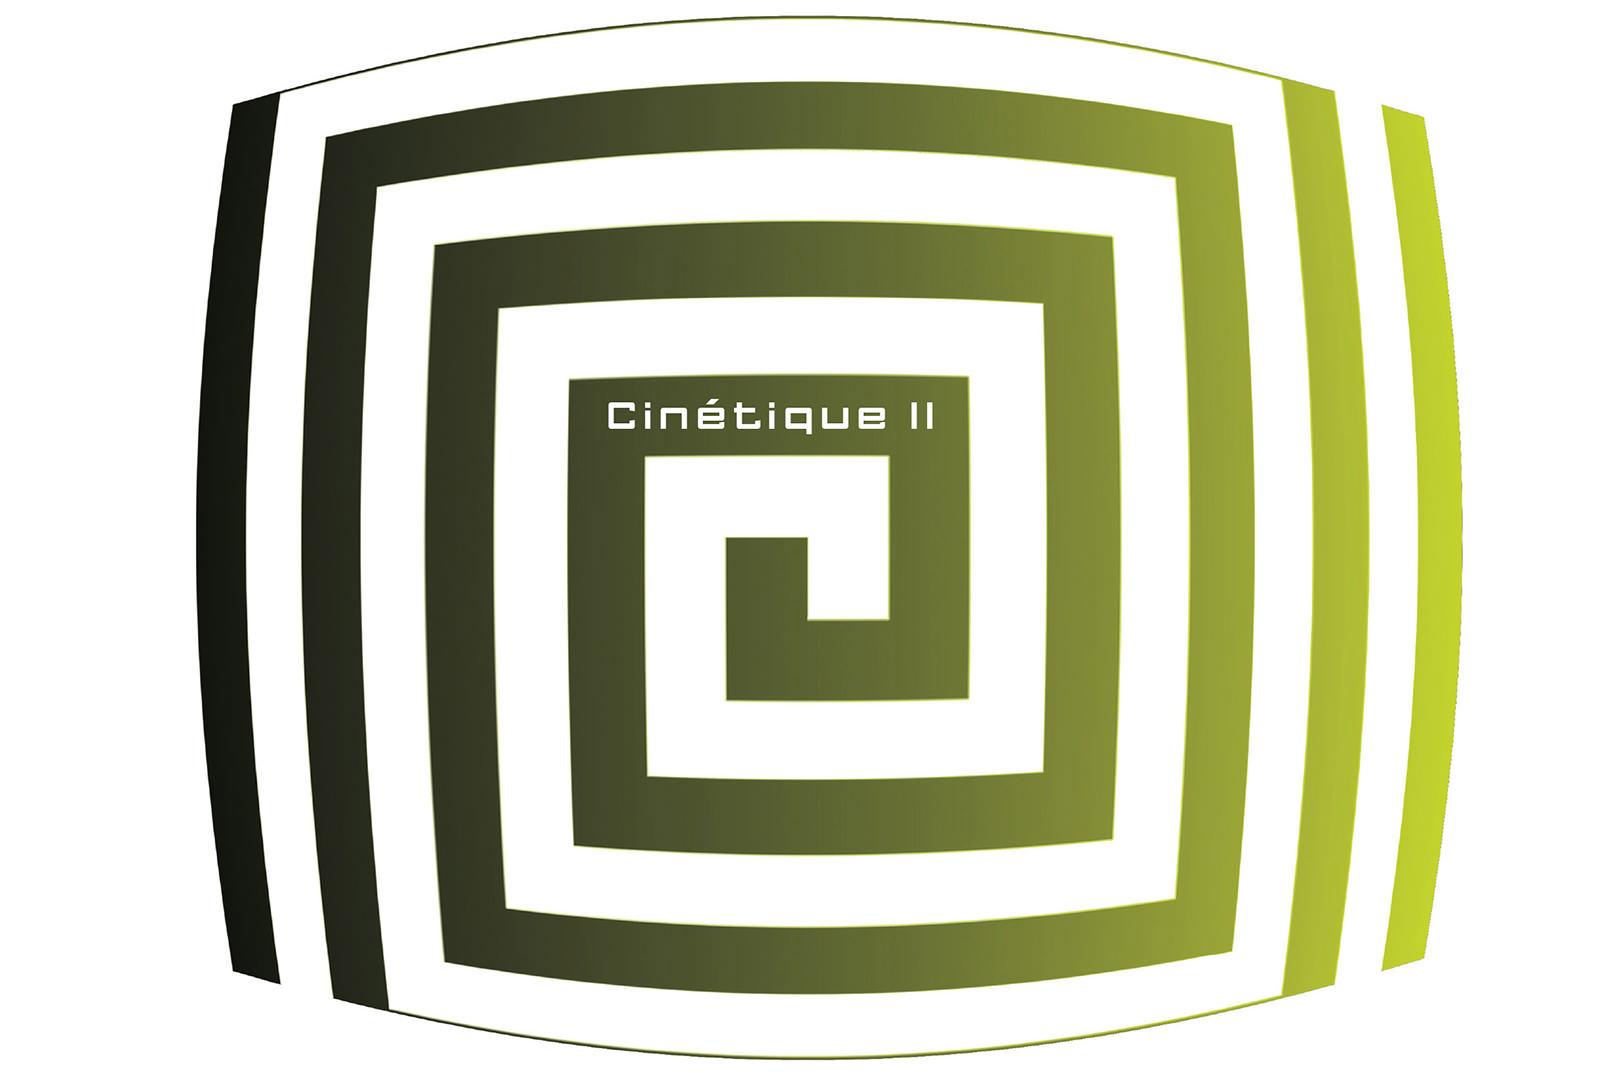 cinetique II, eine grün graues labrinth mit dem text in der mitte